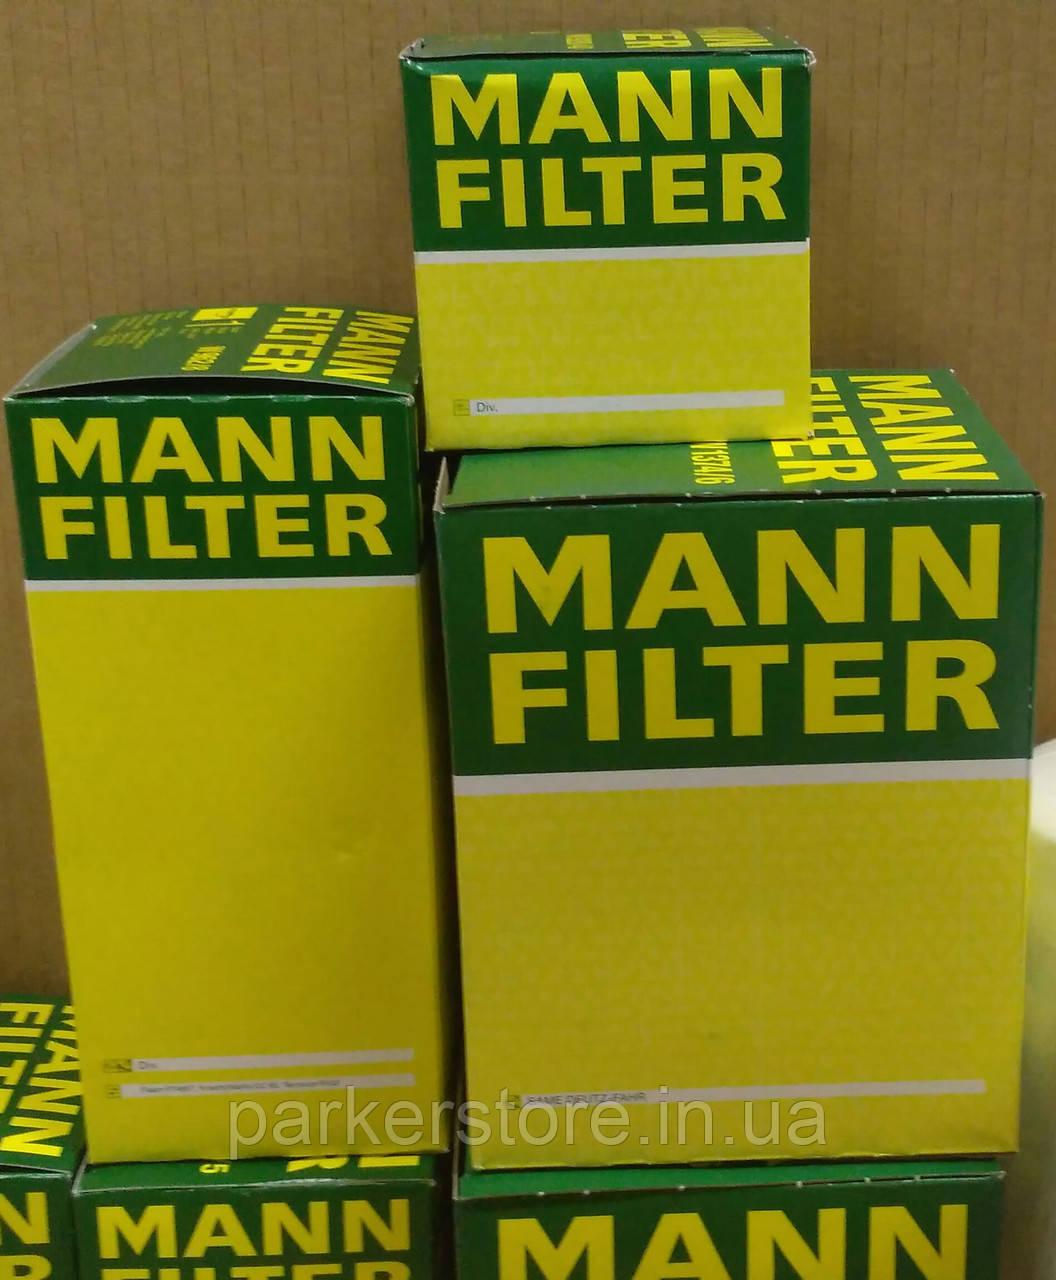 MANN FILTER / Повітряний фільтр / C 30 1185 / C301185